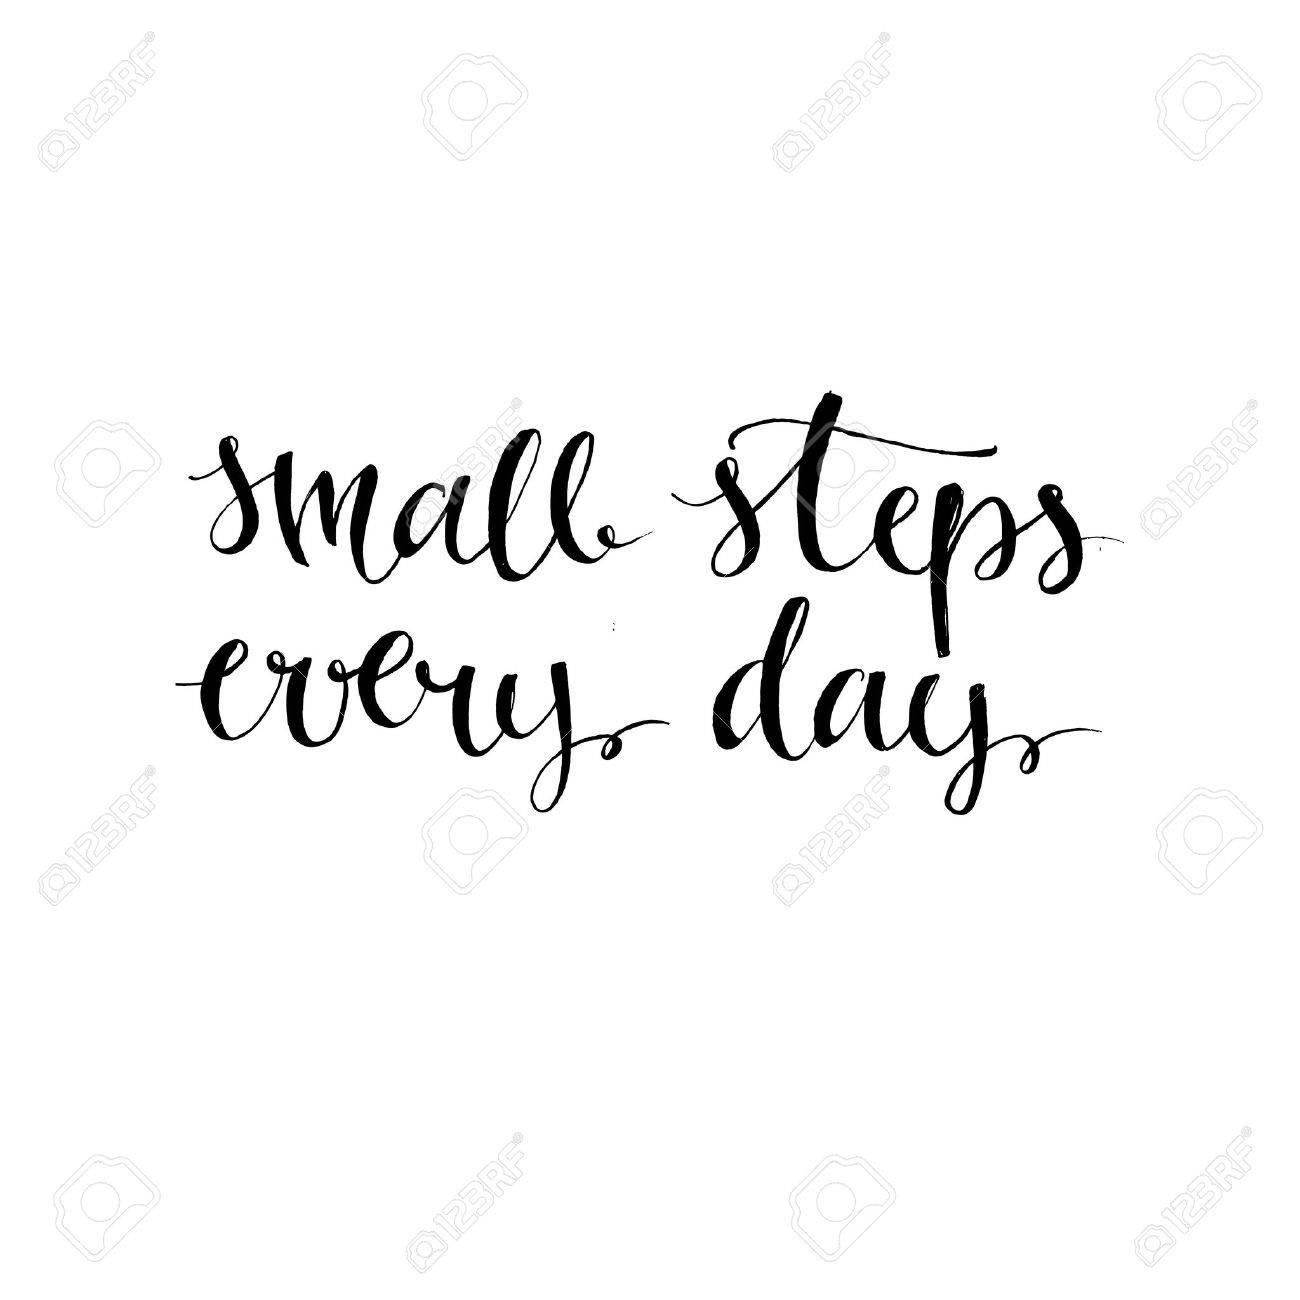 les petits pas chaque jour. citation de motivation noir isolé sur